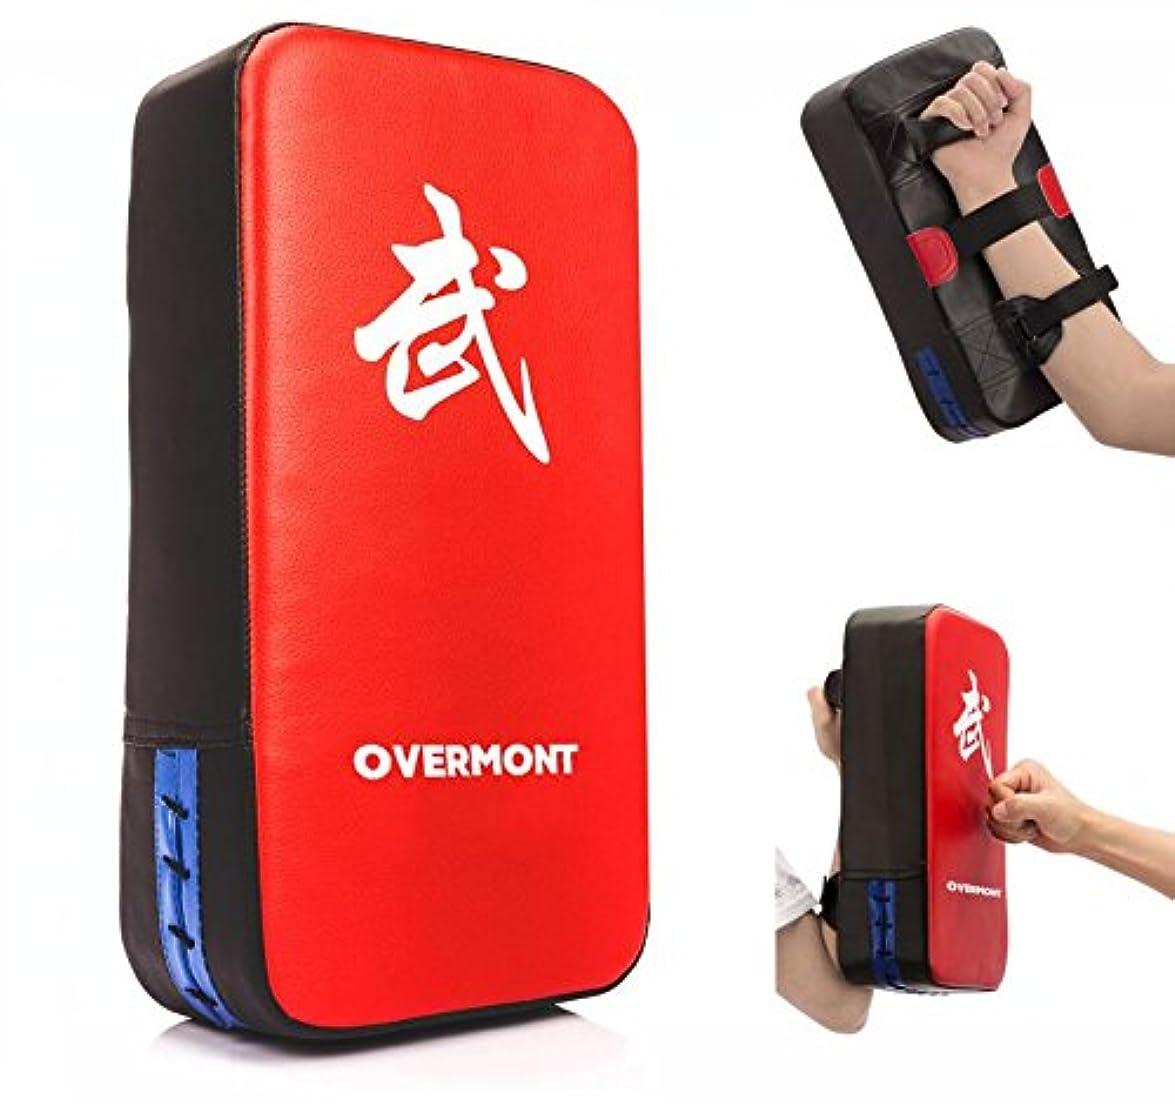 拷問回転曲げるOvermont キックミット パンチングミット キックボクシング テコンドー 空手 総合格闘技 武術 練習 トレーニング ダイエット ストレス解消 子供 初心者に